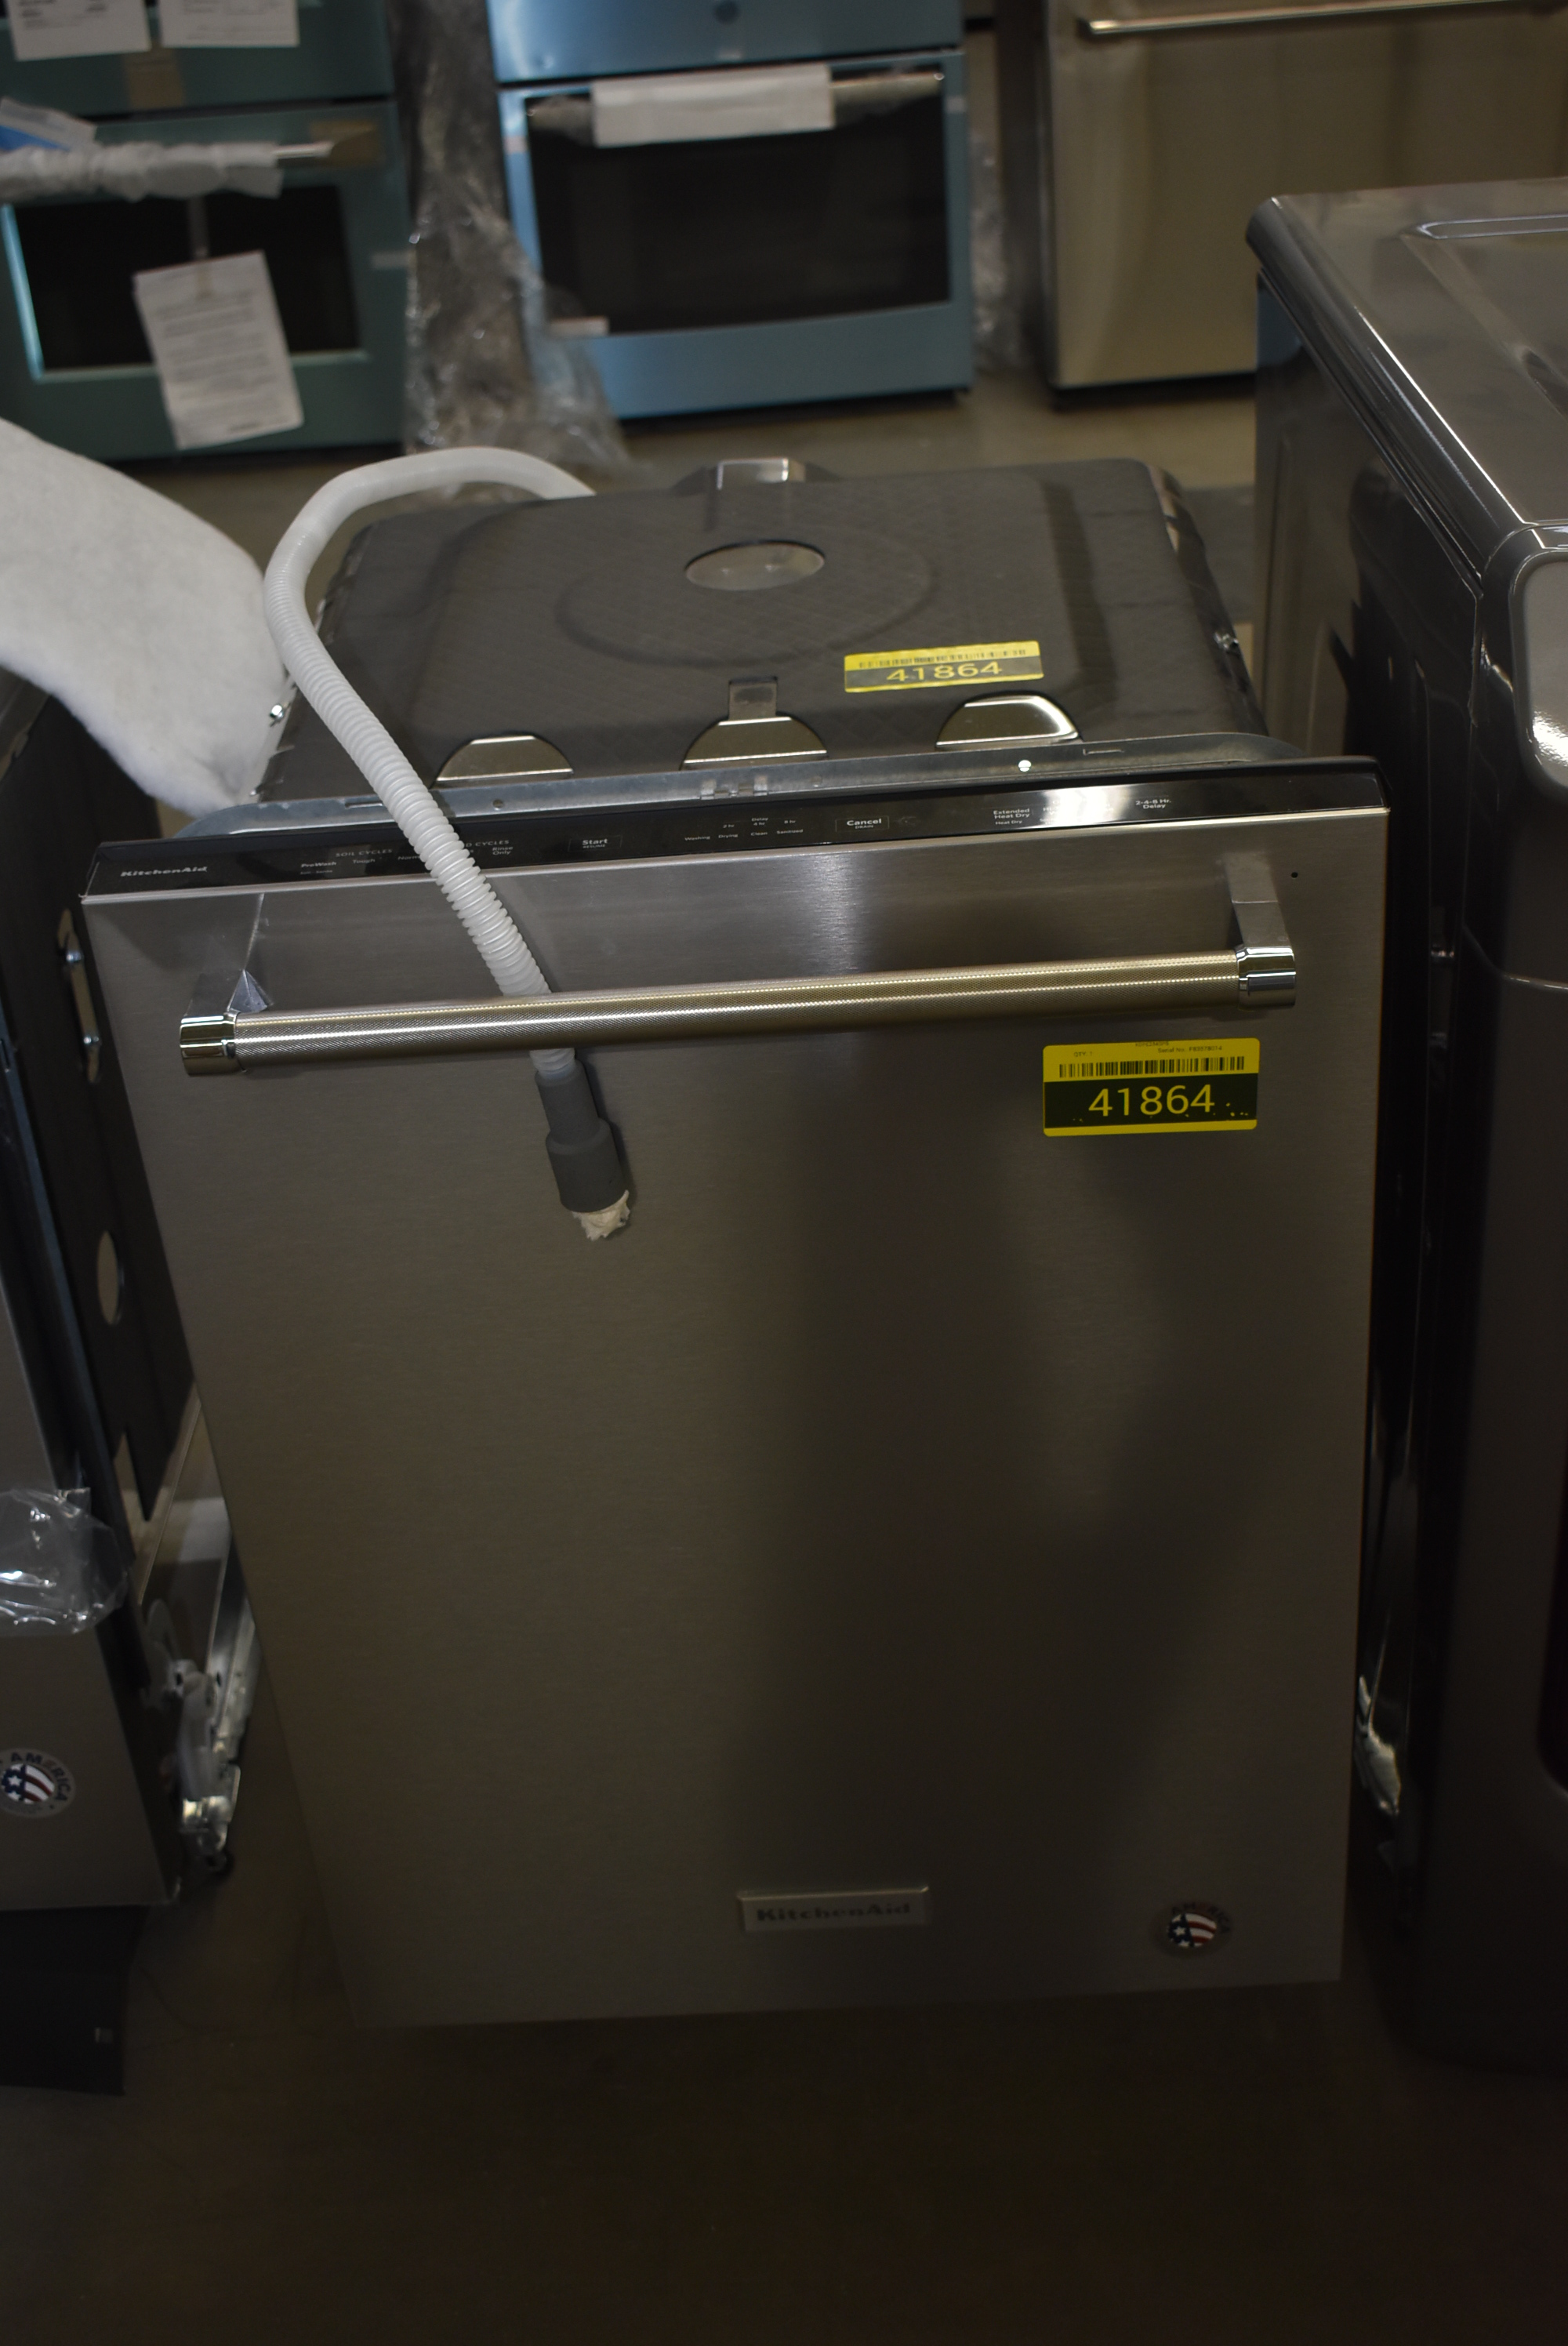 Kitchenaid Kdpe234gps 24 Stainless Fully Integrated Dishwasher Nob 41864 Hrt